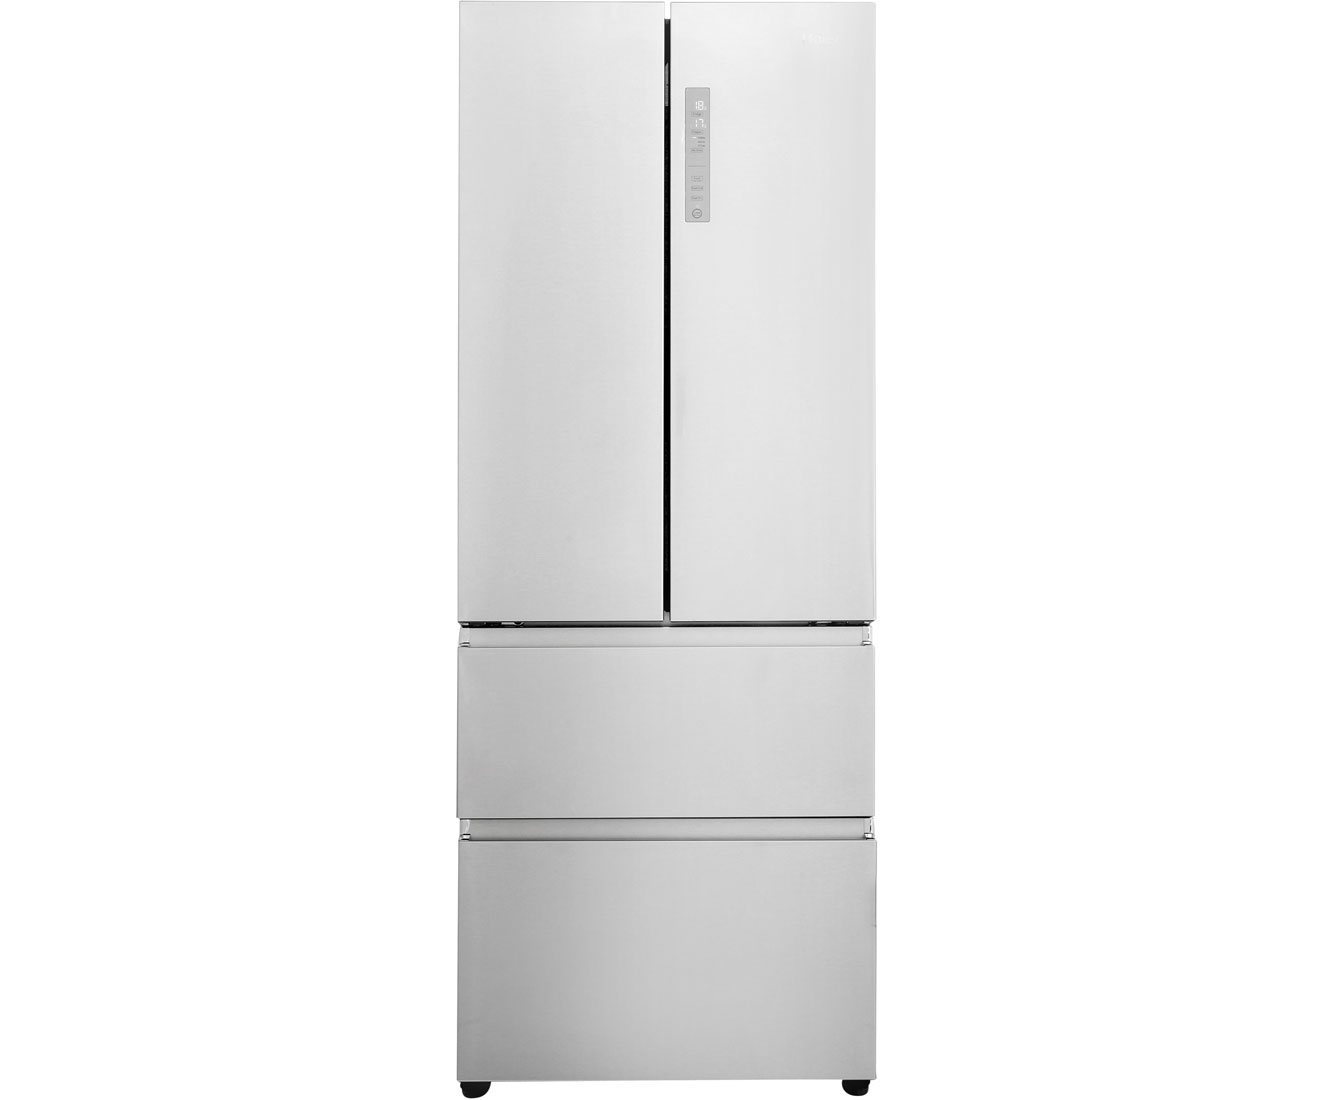 Amerikanischer Kühlschrank Tiefe 60 Cm : Kühlschrank cm tief kühlschrank modelle